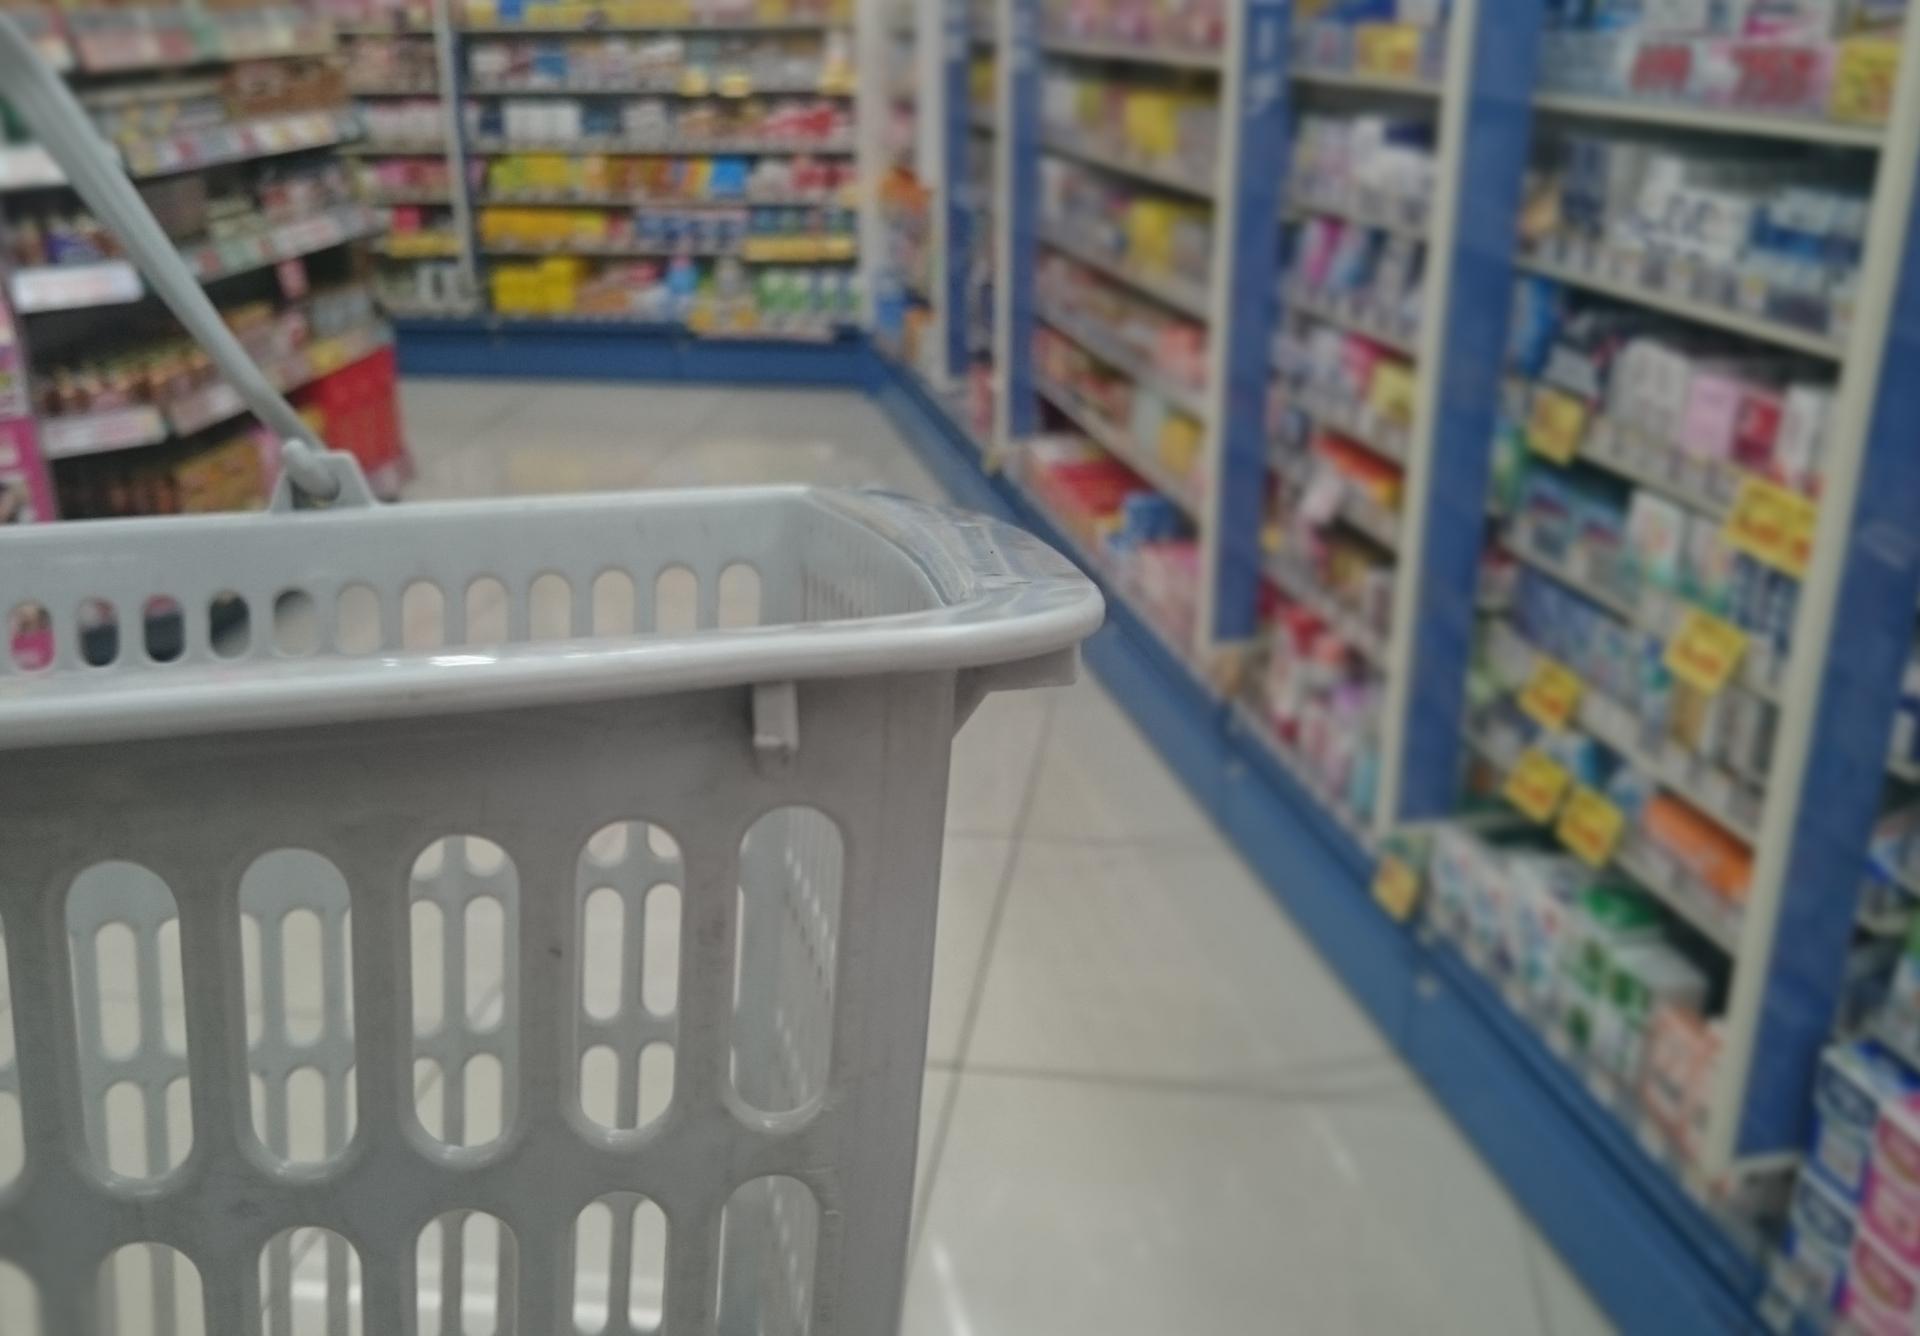 「家庭用品品質表示法」という法律があるのに、全成分表示されてないの?